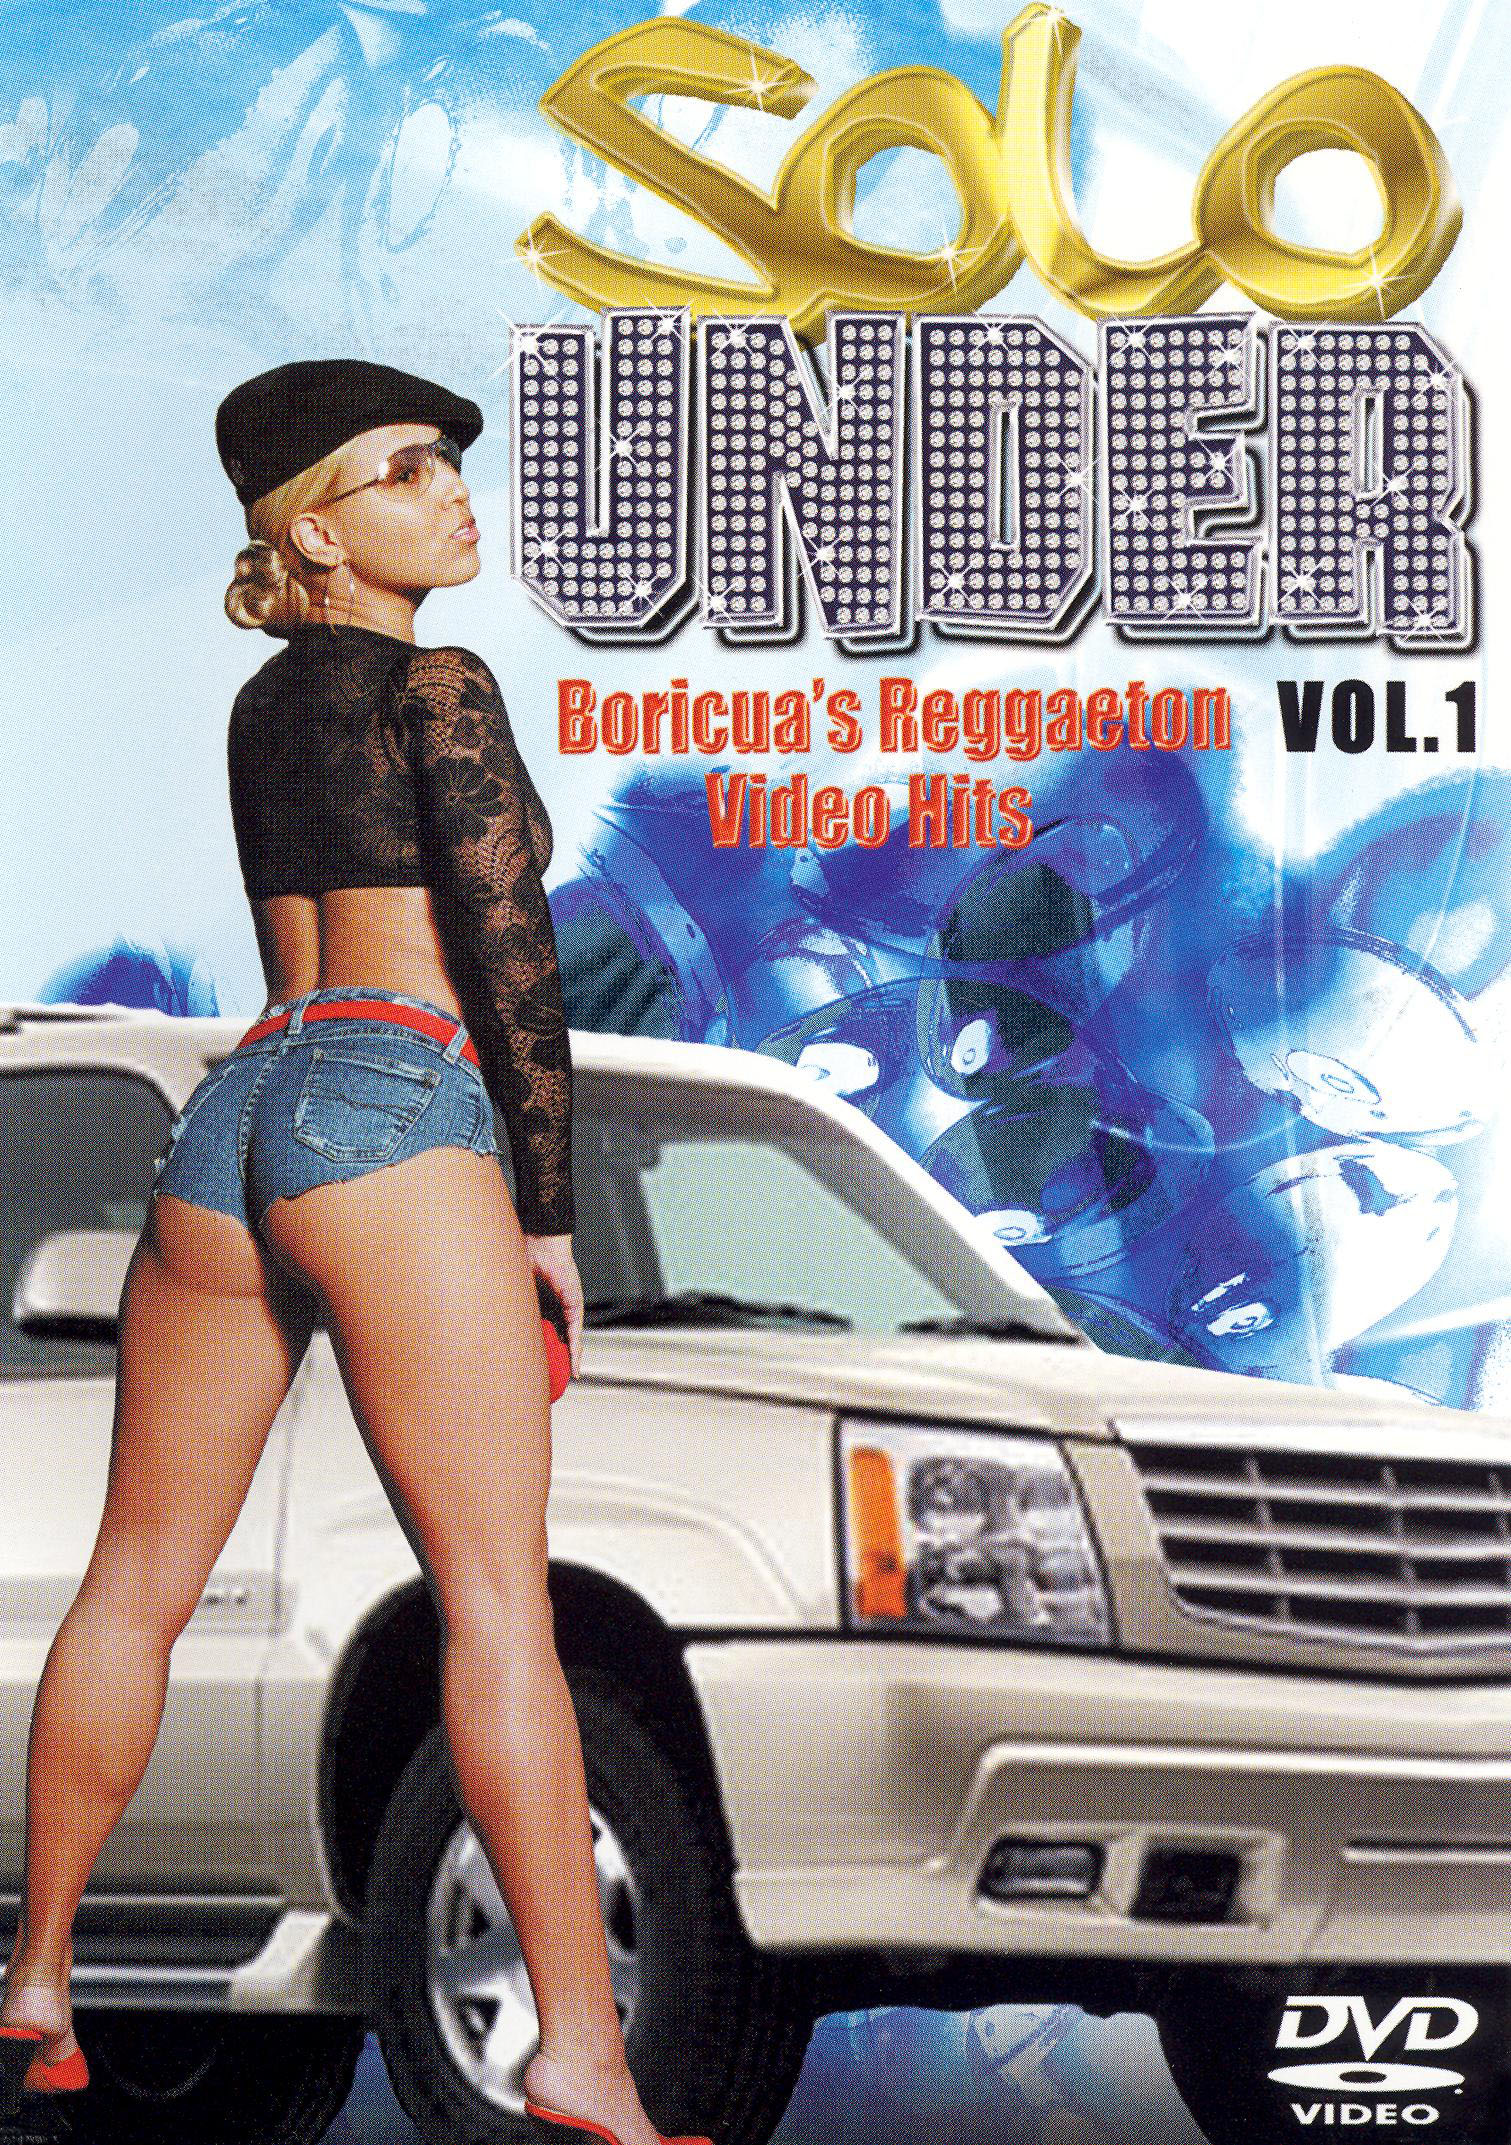 Solo Under, Vol. 1